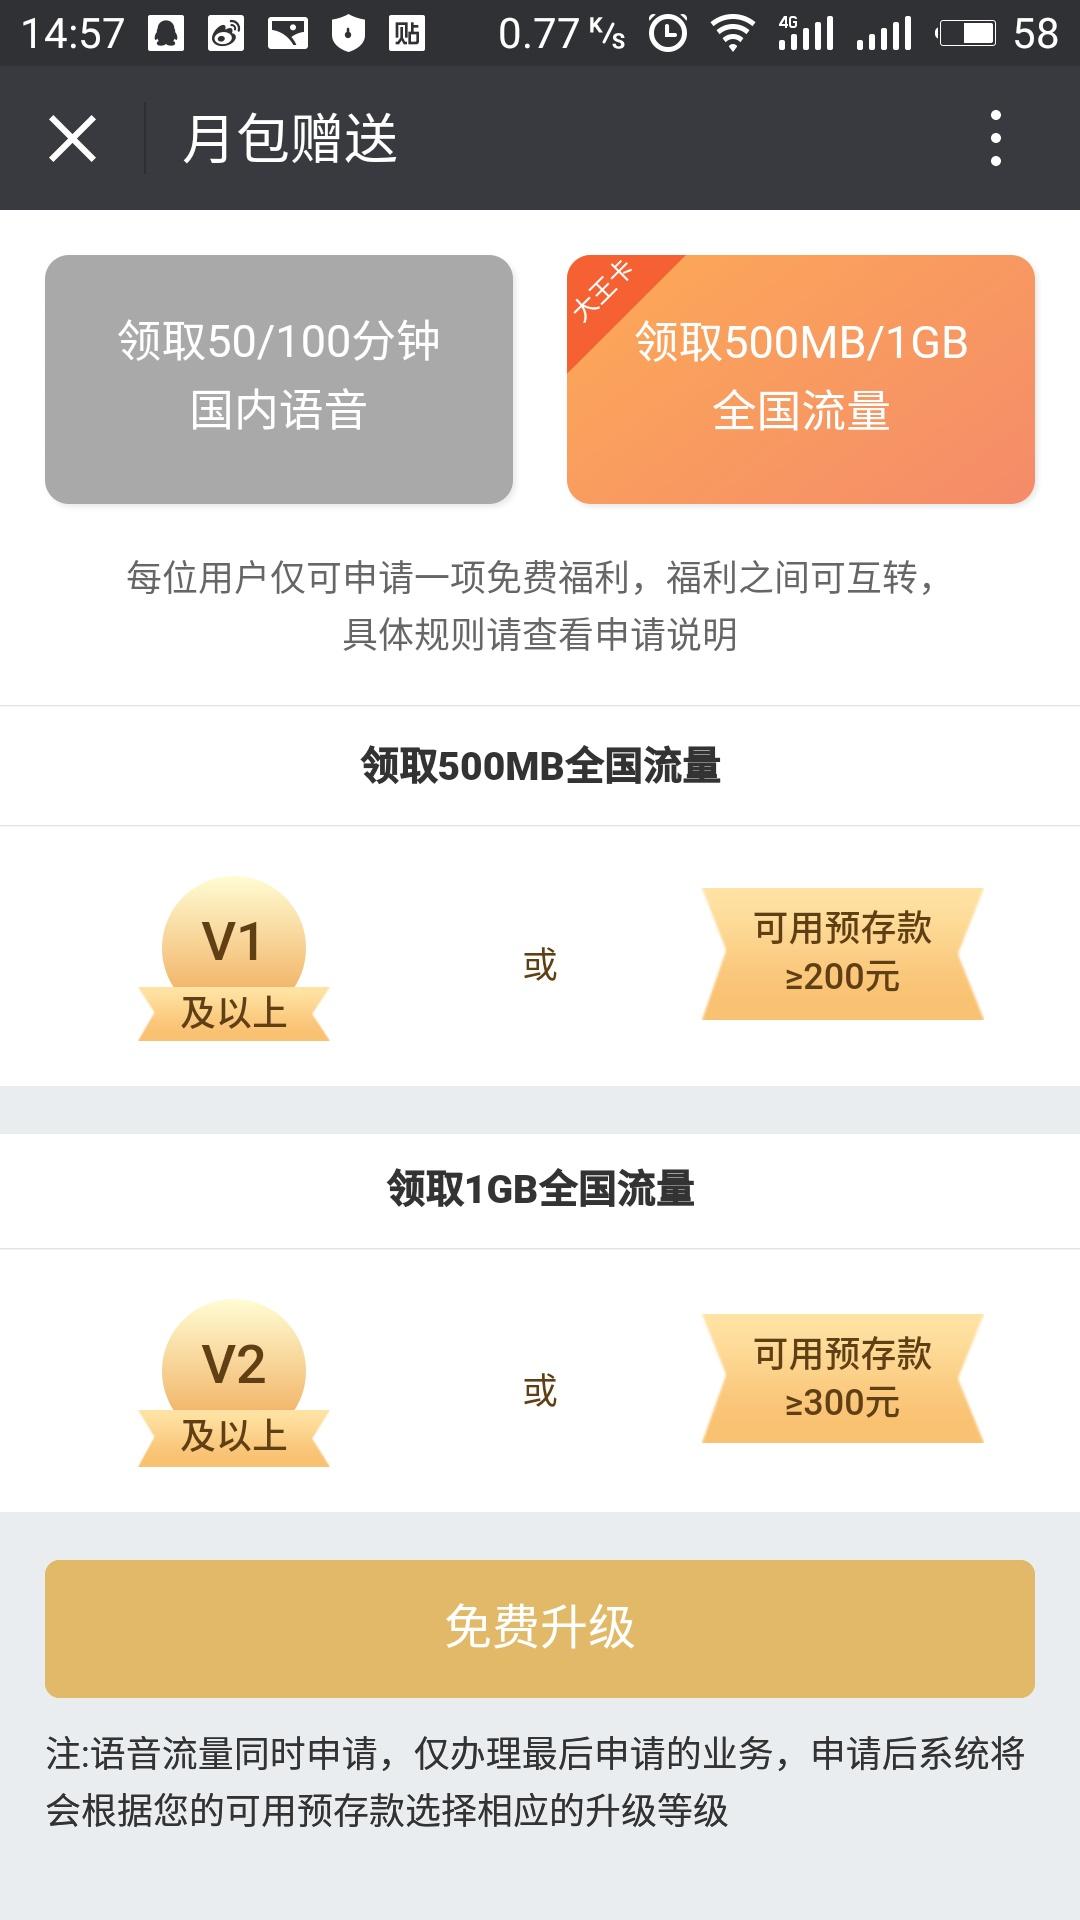 腾讯王卡福利再升级:每月免费送流量/通话 活动线报 第2张